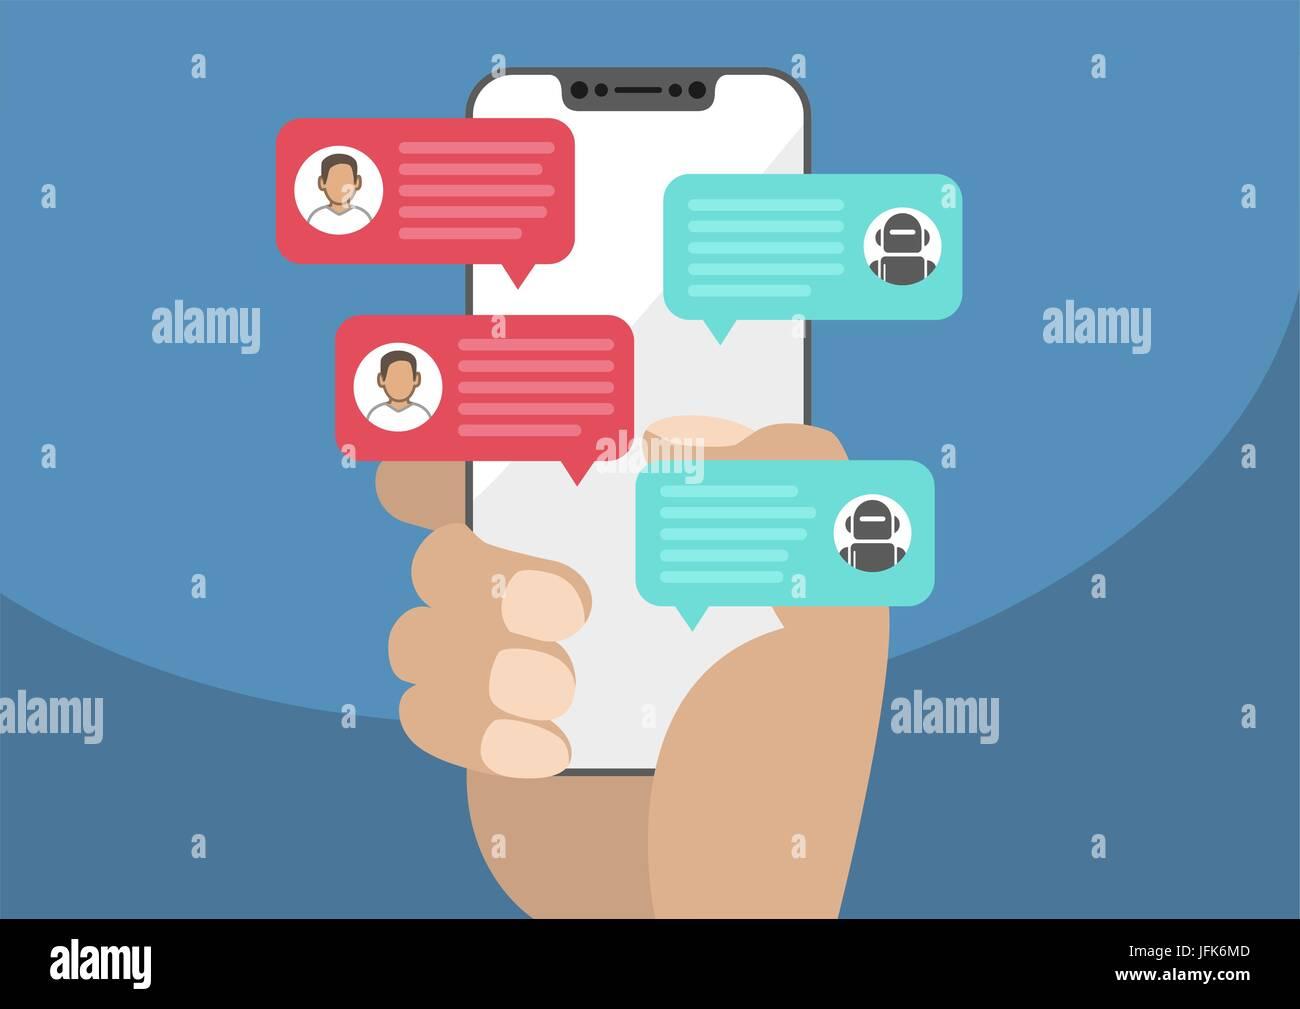 Lunette Man-free   smartphone sans cadre dans la main et discutant avec  chat bot robot. Notification des messages de discussion sur smartphone  isolé sur ... 8dd43442fc97